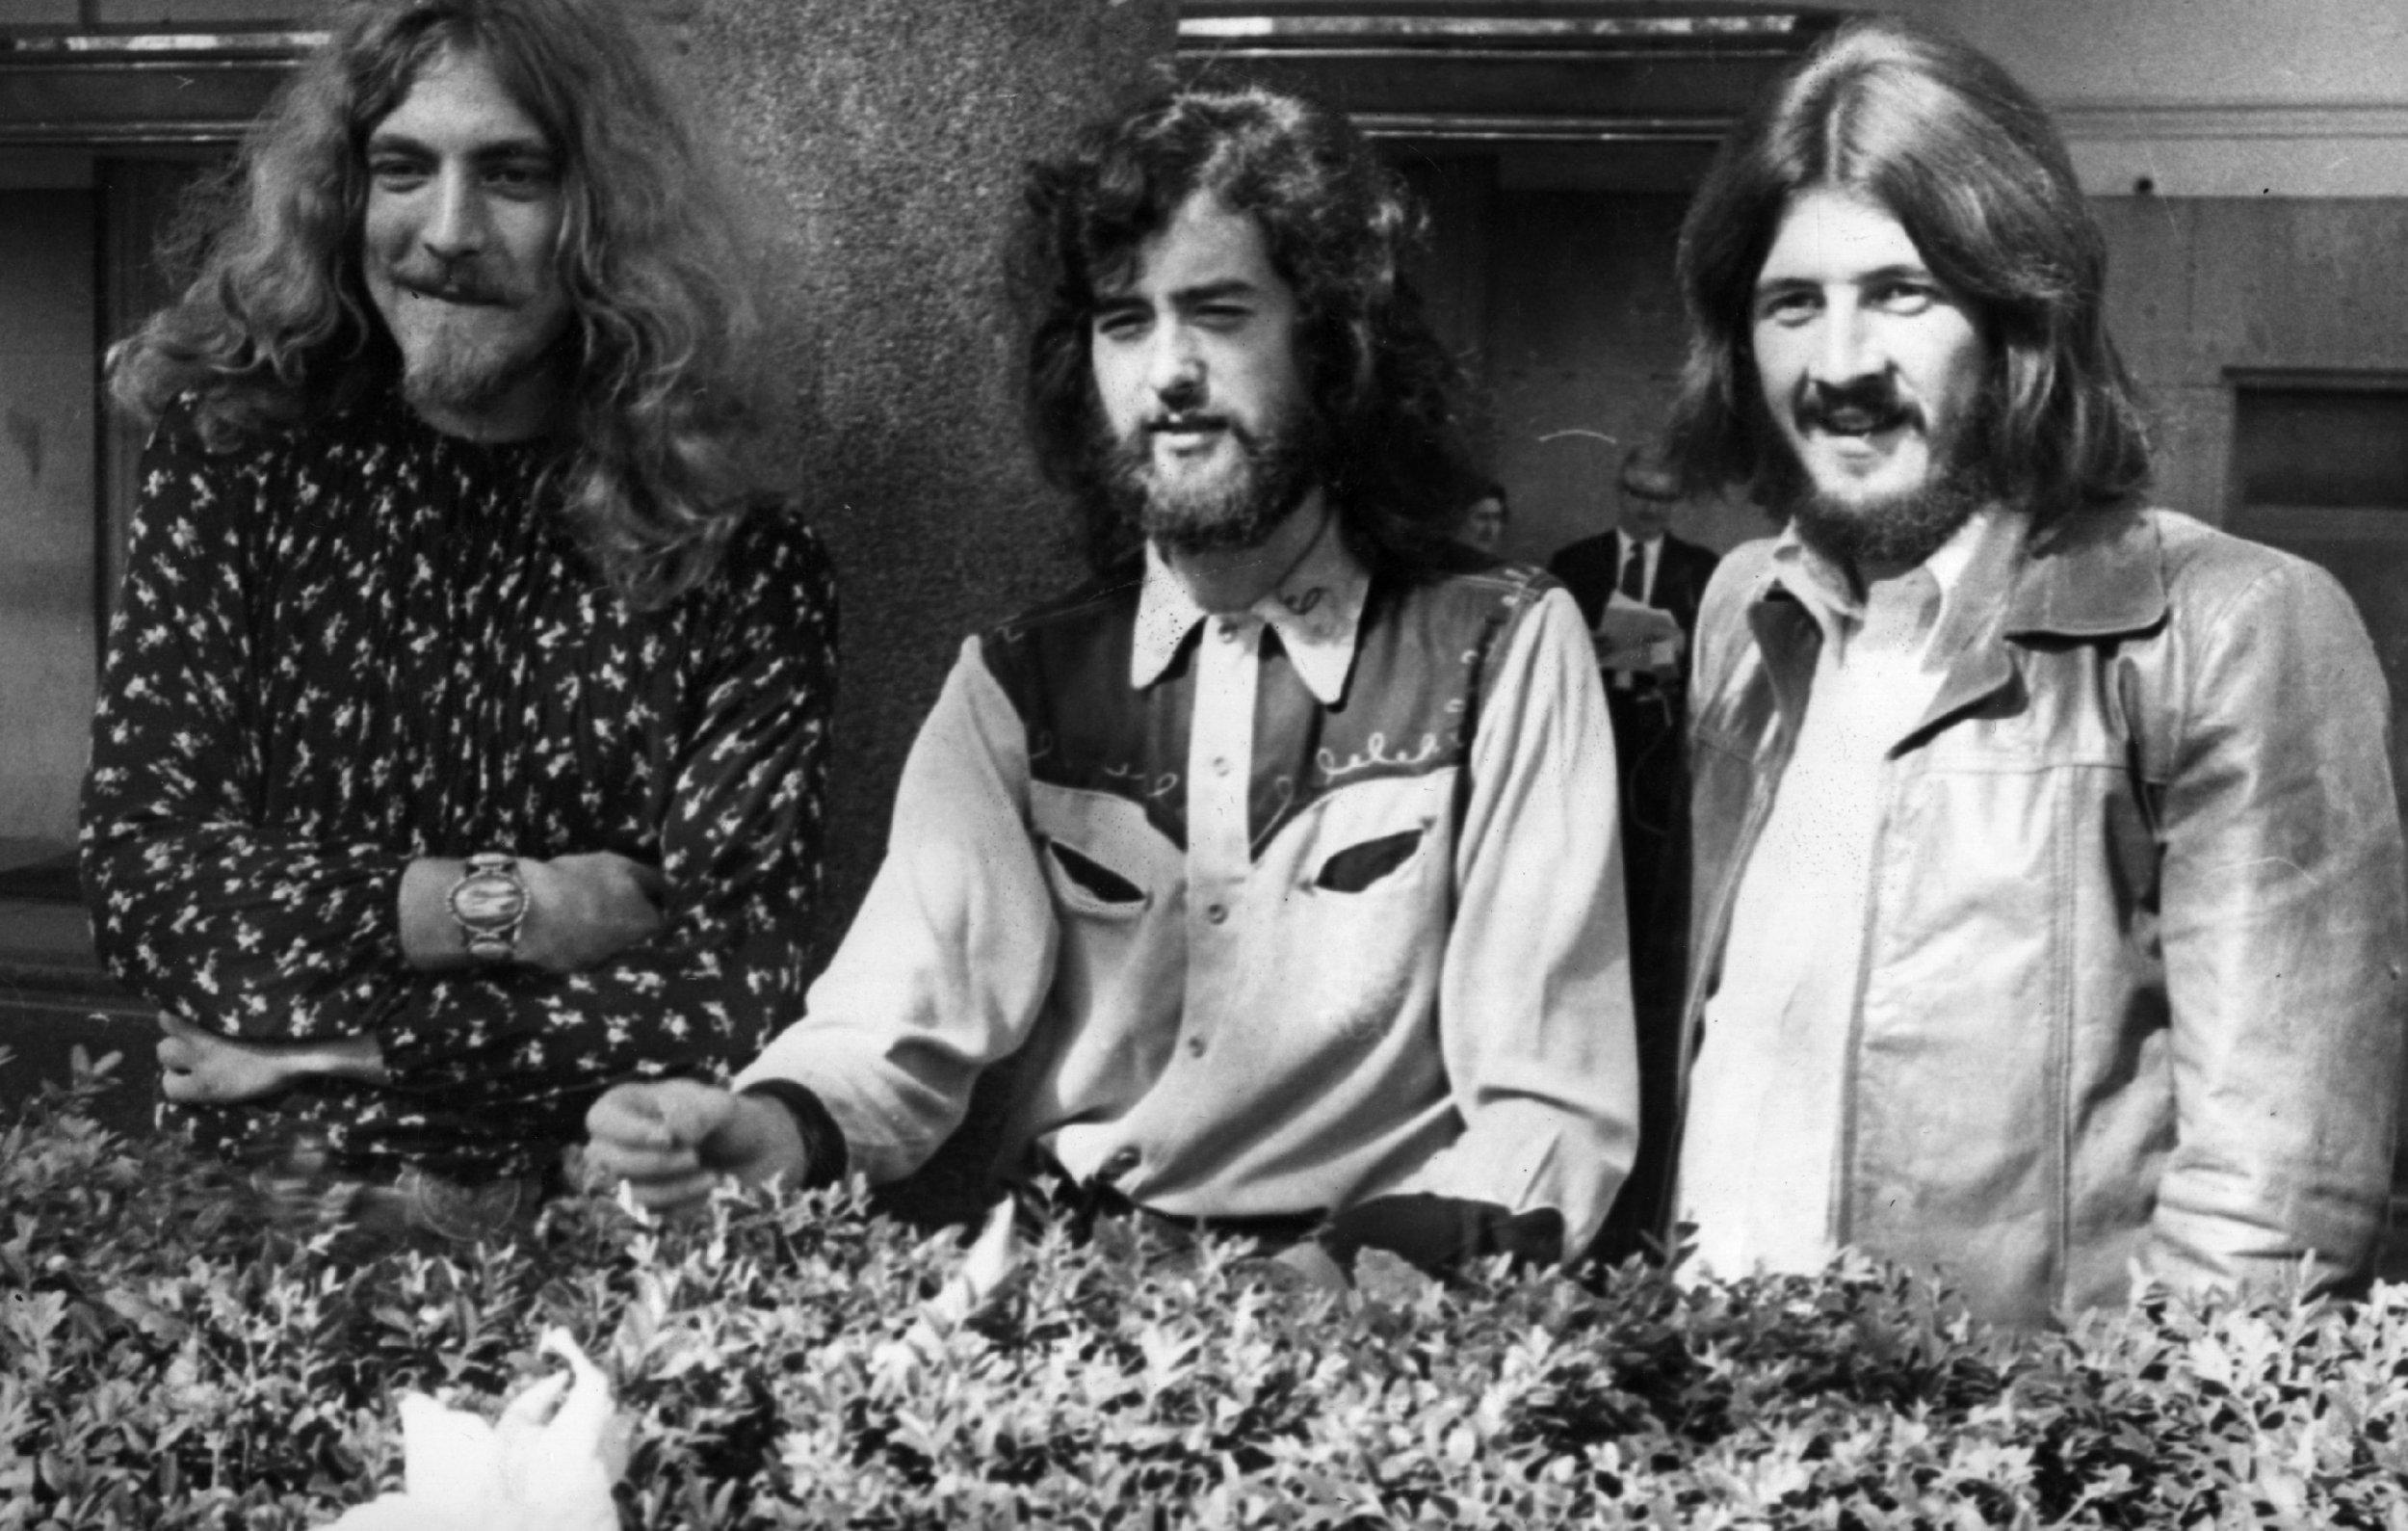 Led Zeppelin 1970